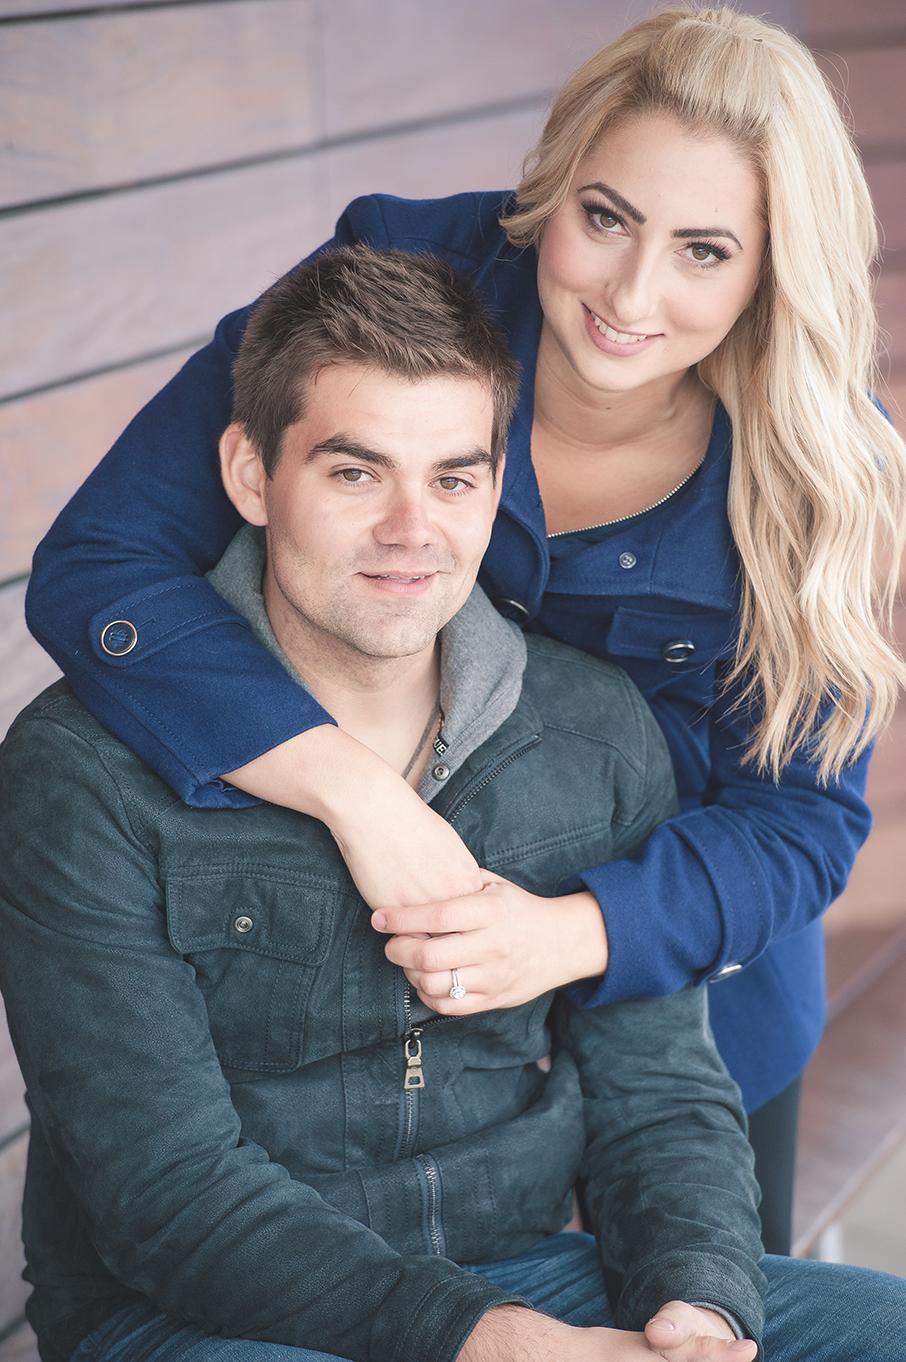 Diana&Danny_Engagement-114.jpg